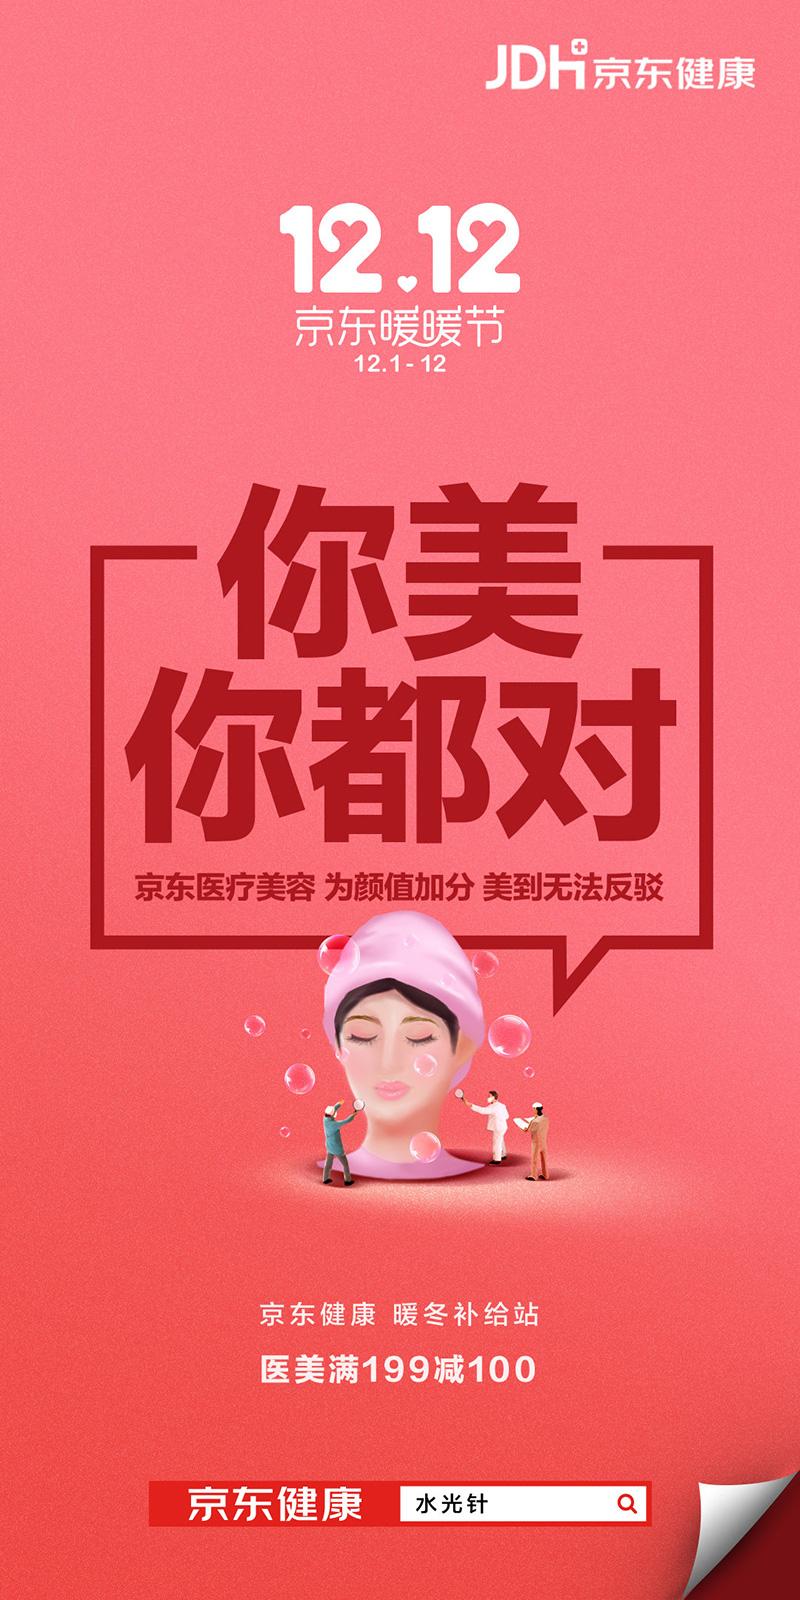 9款京东健康购物狂欢节12·12营销海报